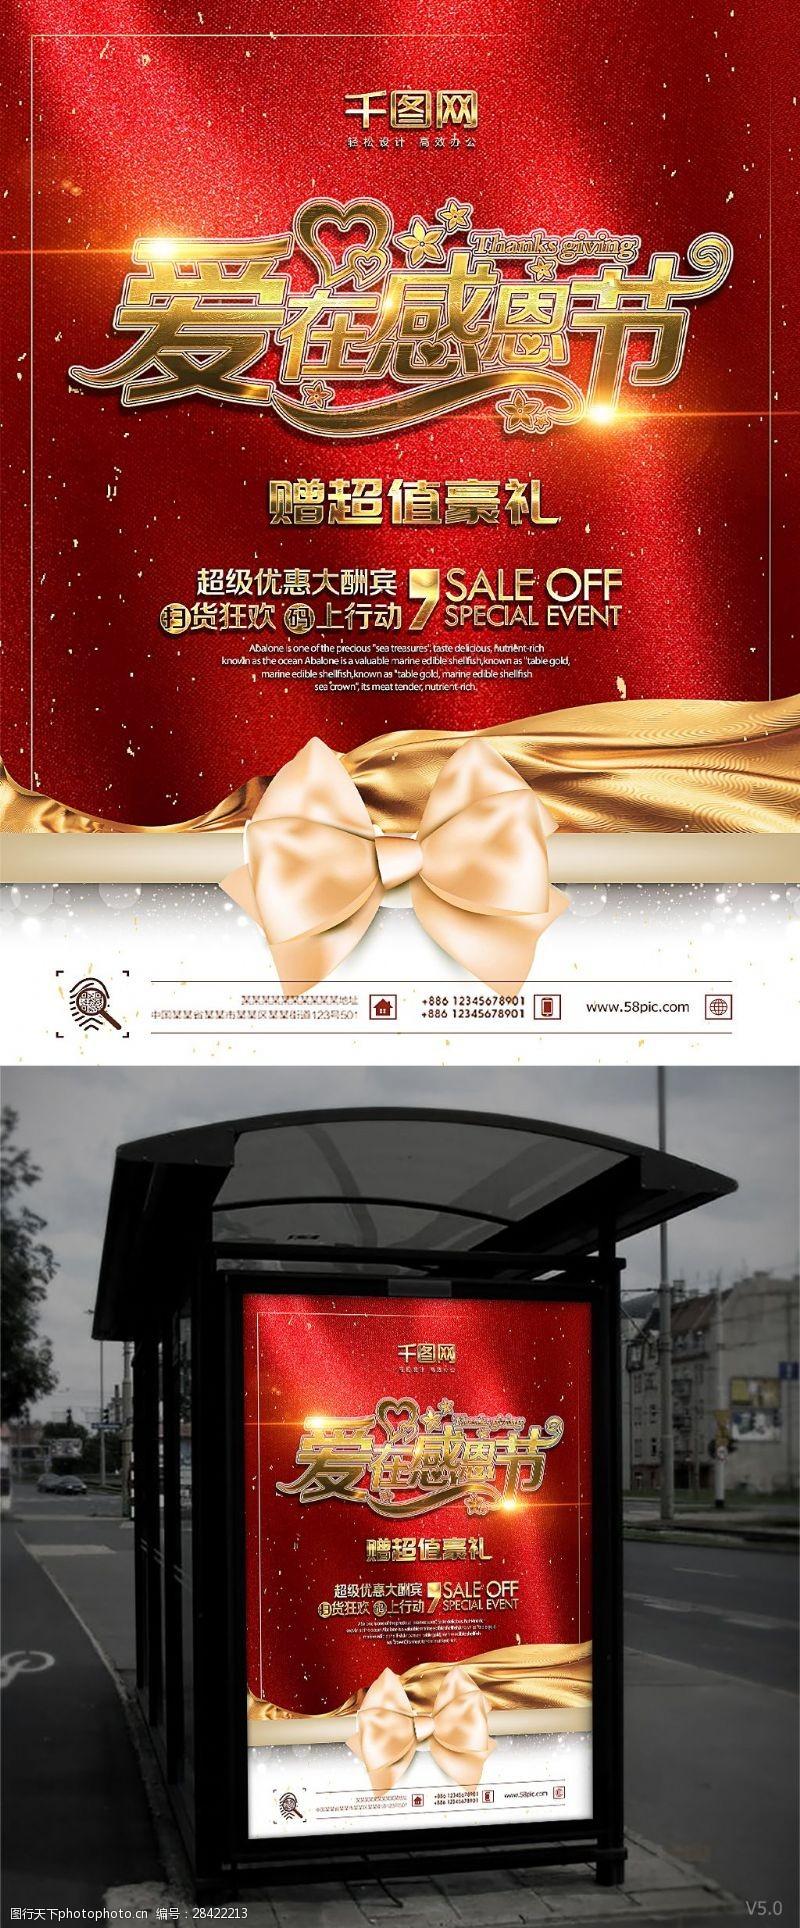 天猫横幅红色背景爱在感恩节促销海报